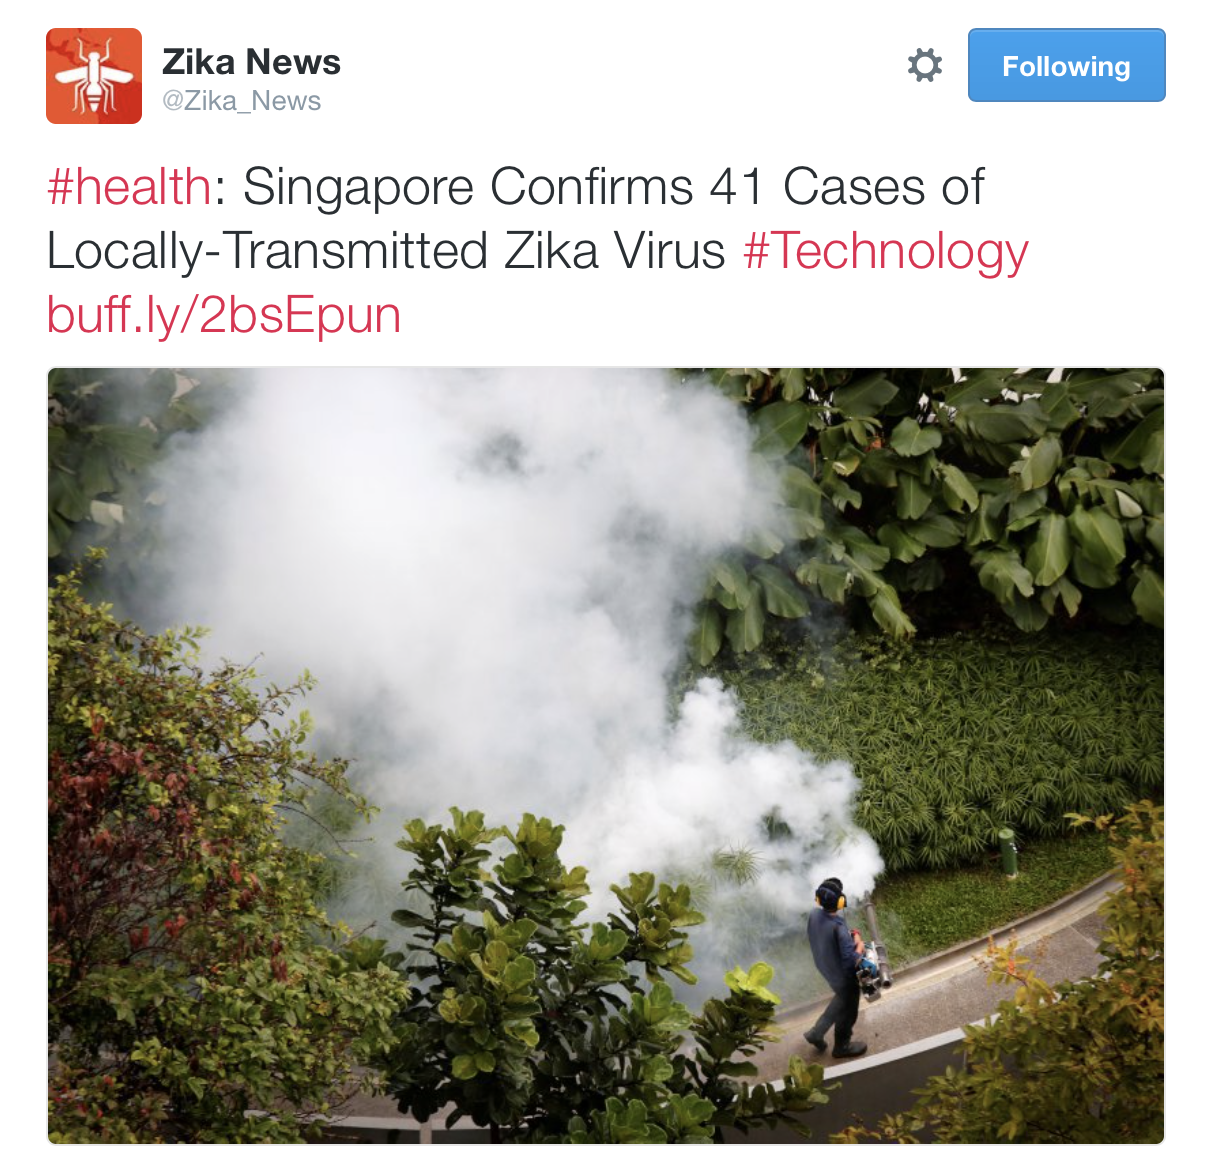 Viral News Updates: Zika Virus News And Updates